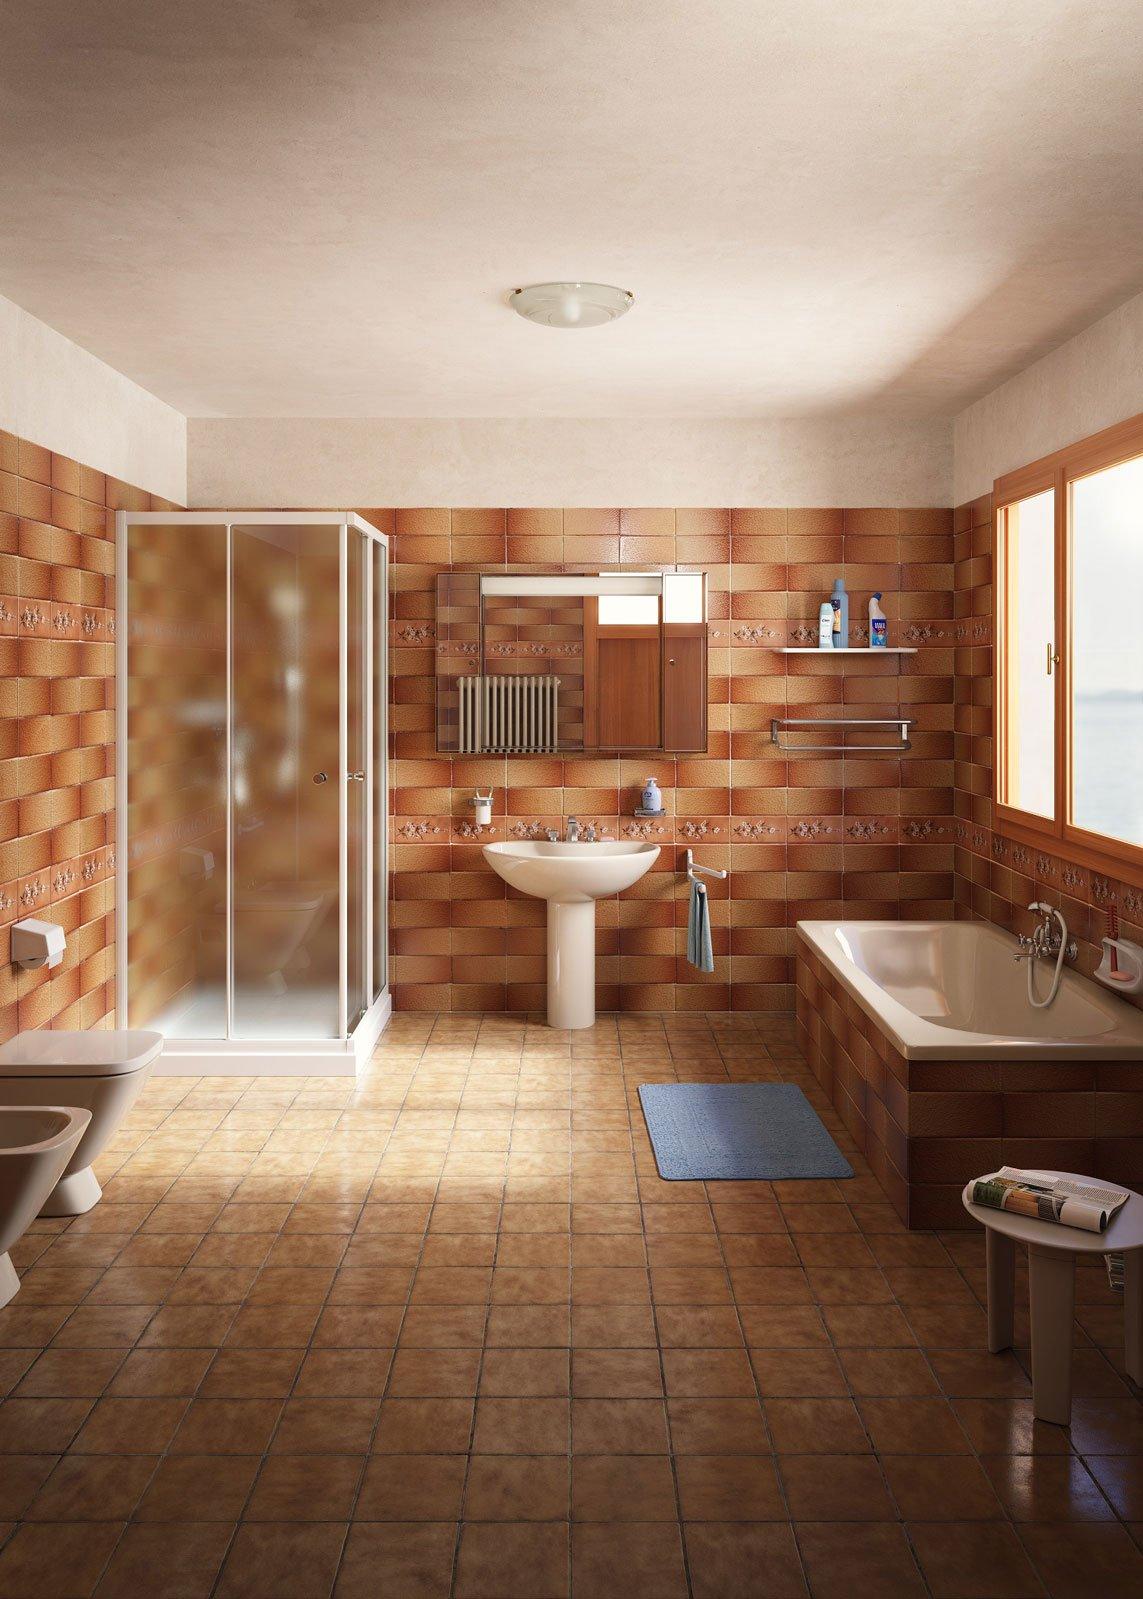 Design cambiare piastrelle bagno : Rifare il bagno senza togliere le piastrelle e con piccoli ...